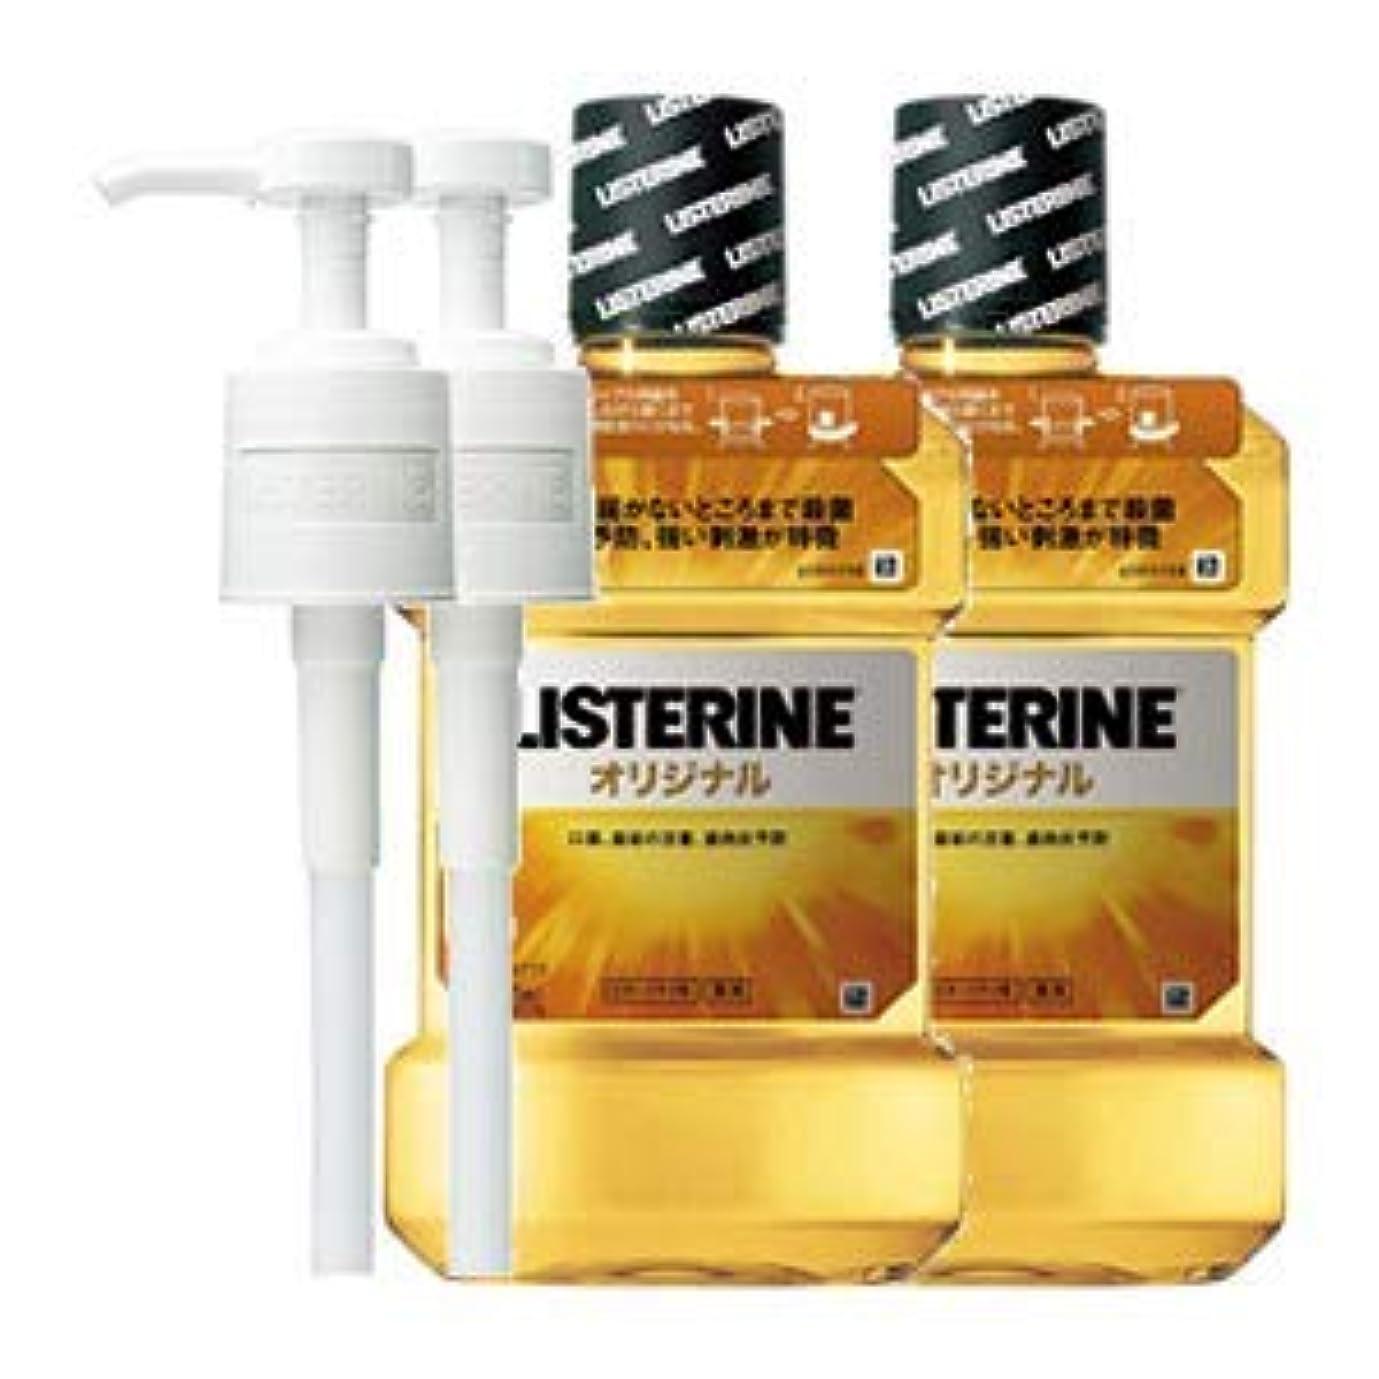 地味な認識吸う薬用リステリン オリジナル (マウスウォッシュ/洗口液) 1000mL 2点セット (ポンプ付)